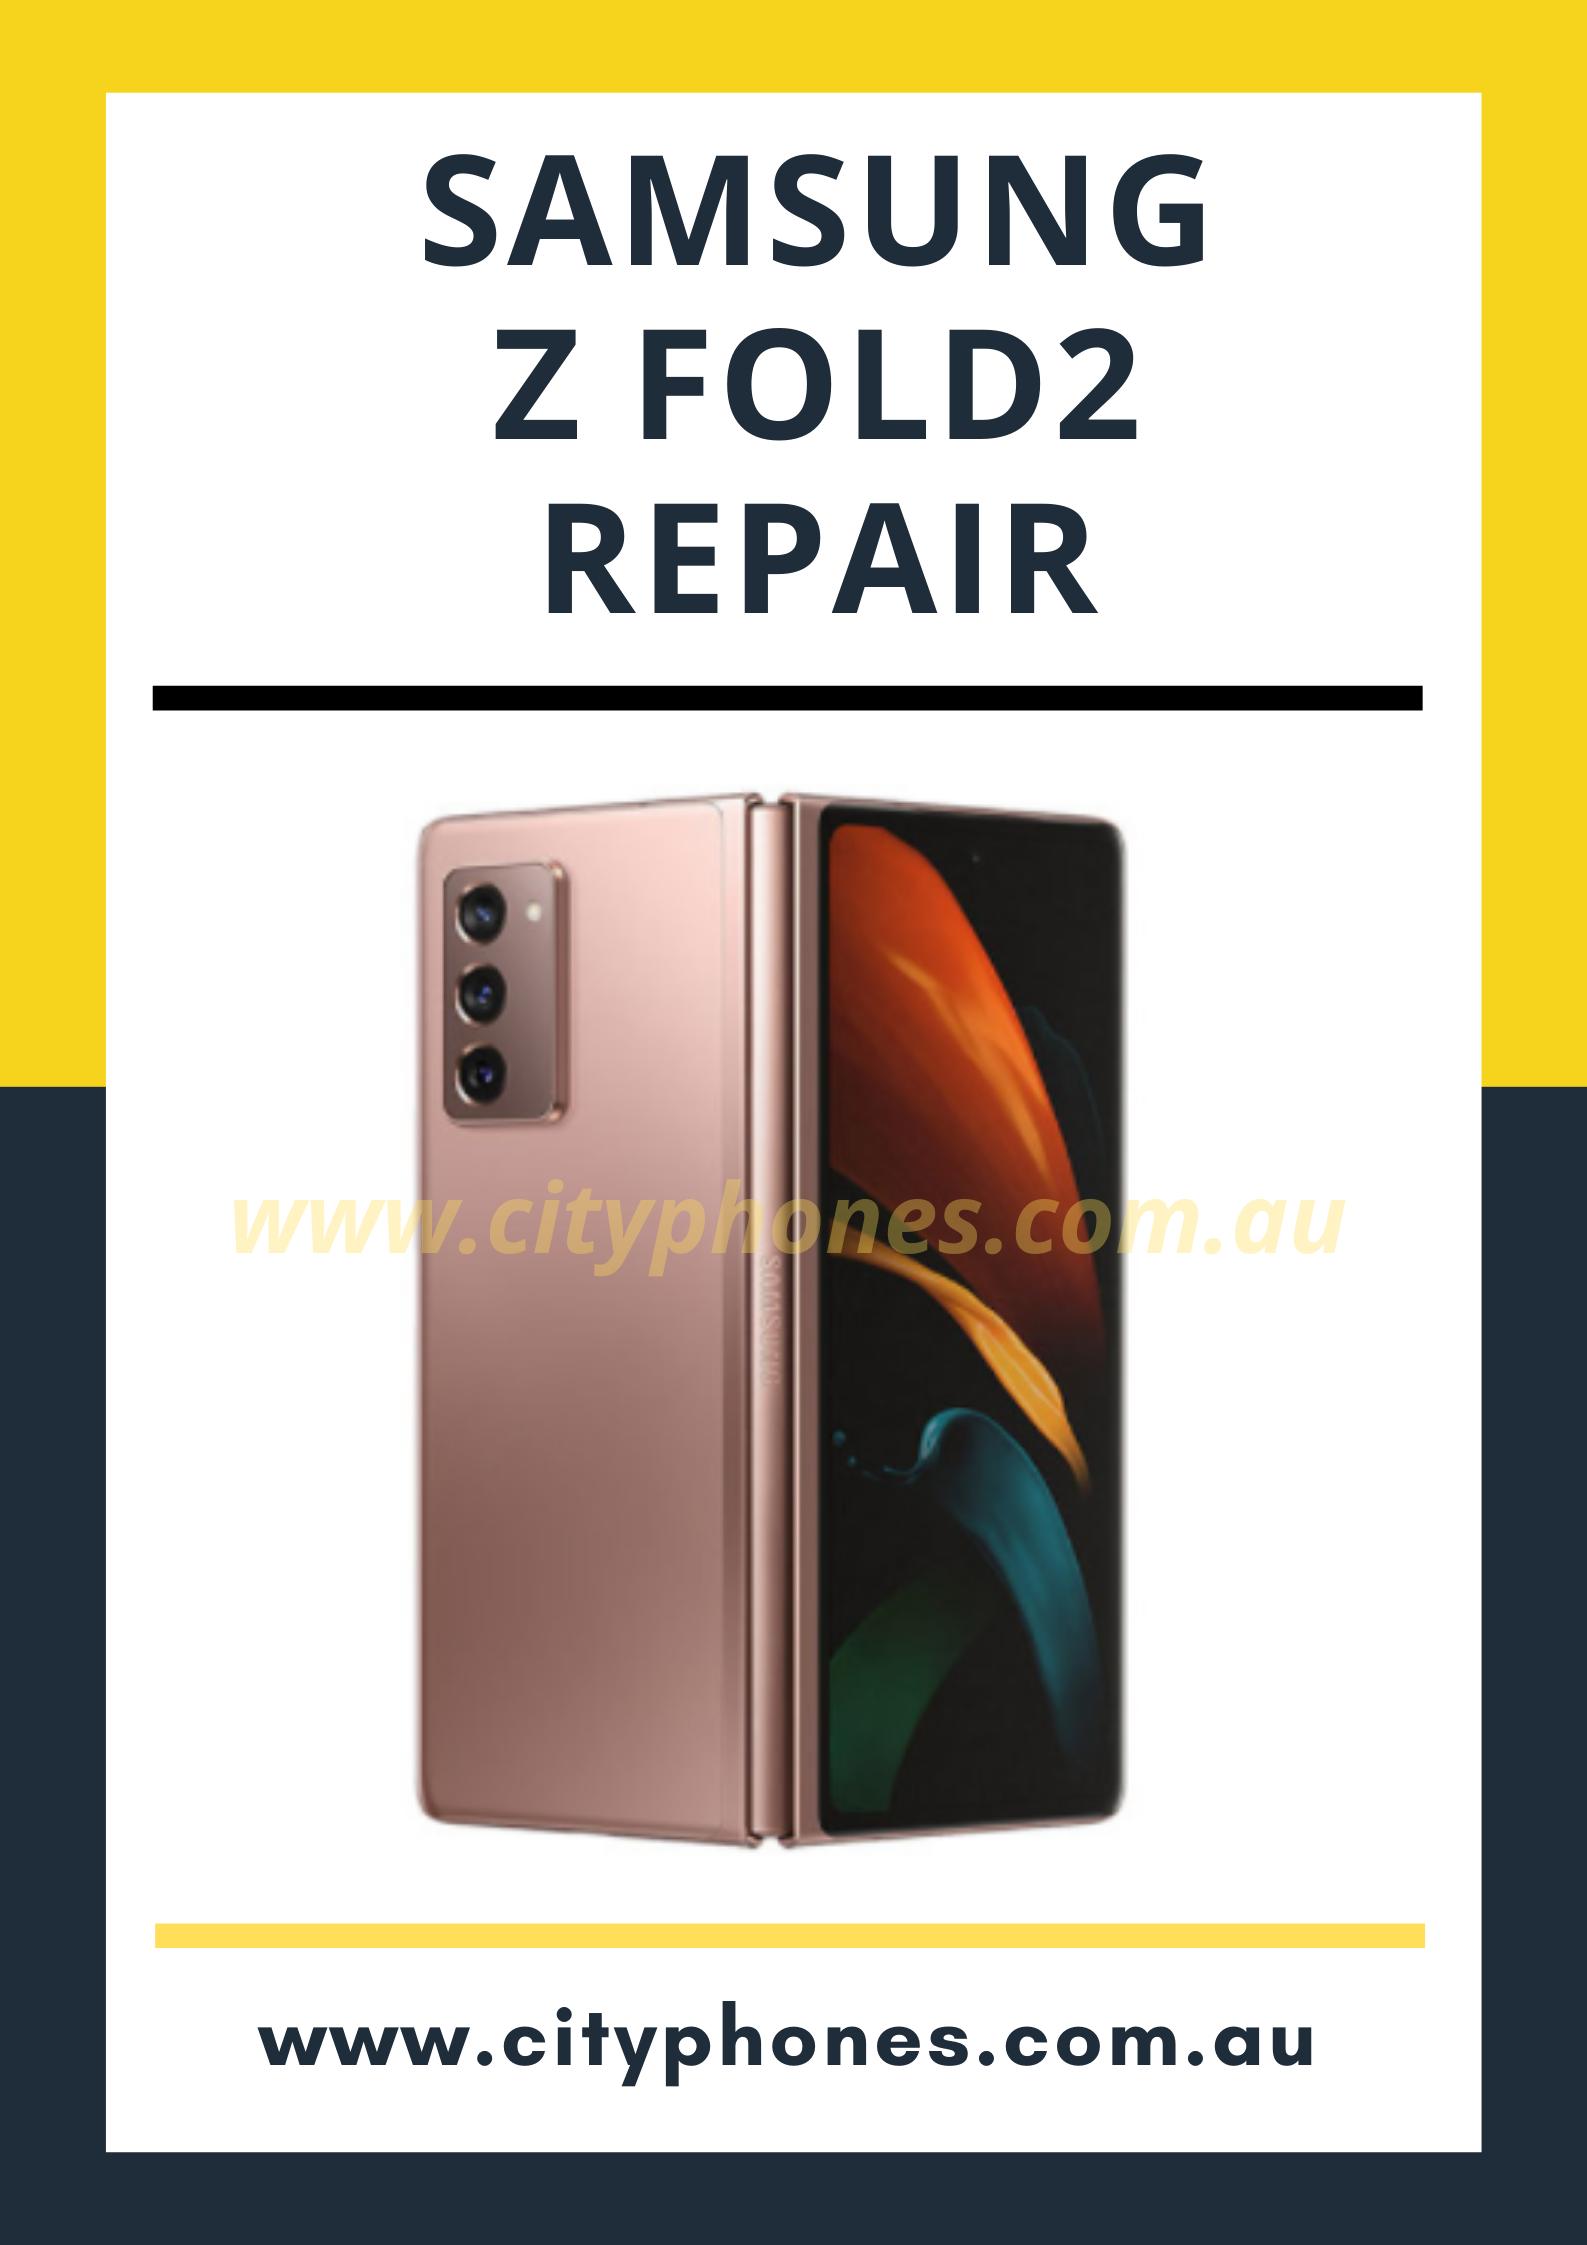 Samsung z fold 2 screen repair in melbourne